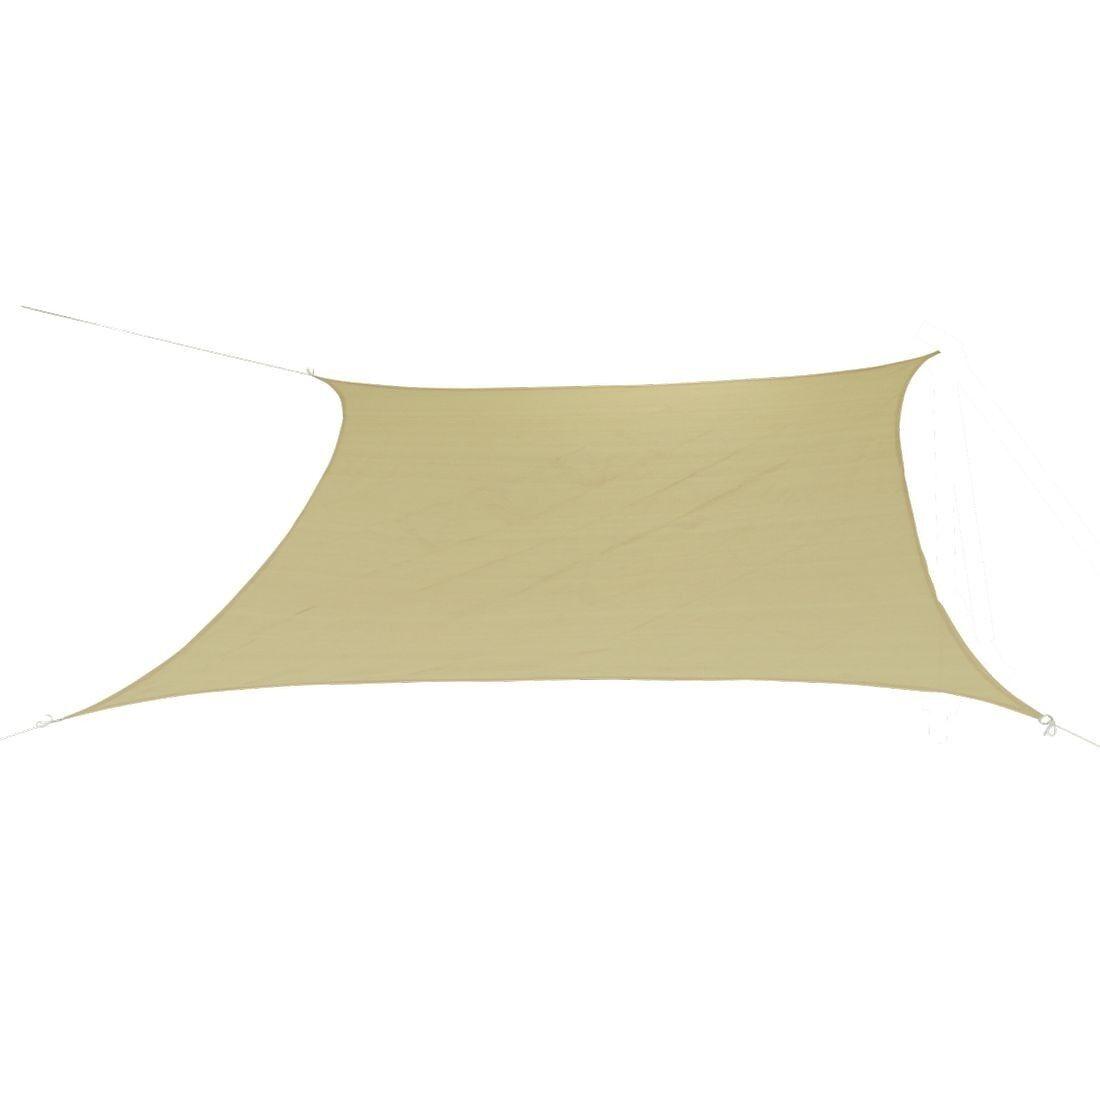 10T Patterson 360 - Telone parasole di forma quadrata, 360 cm, tessuto colore cor